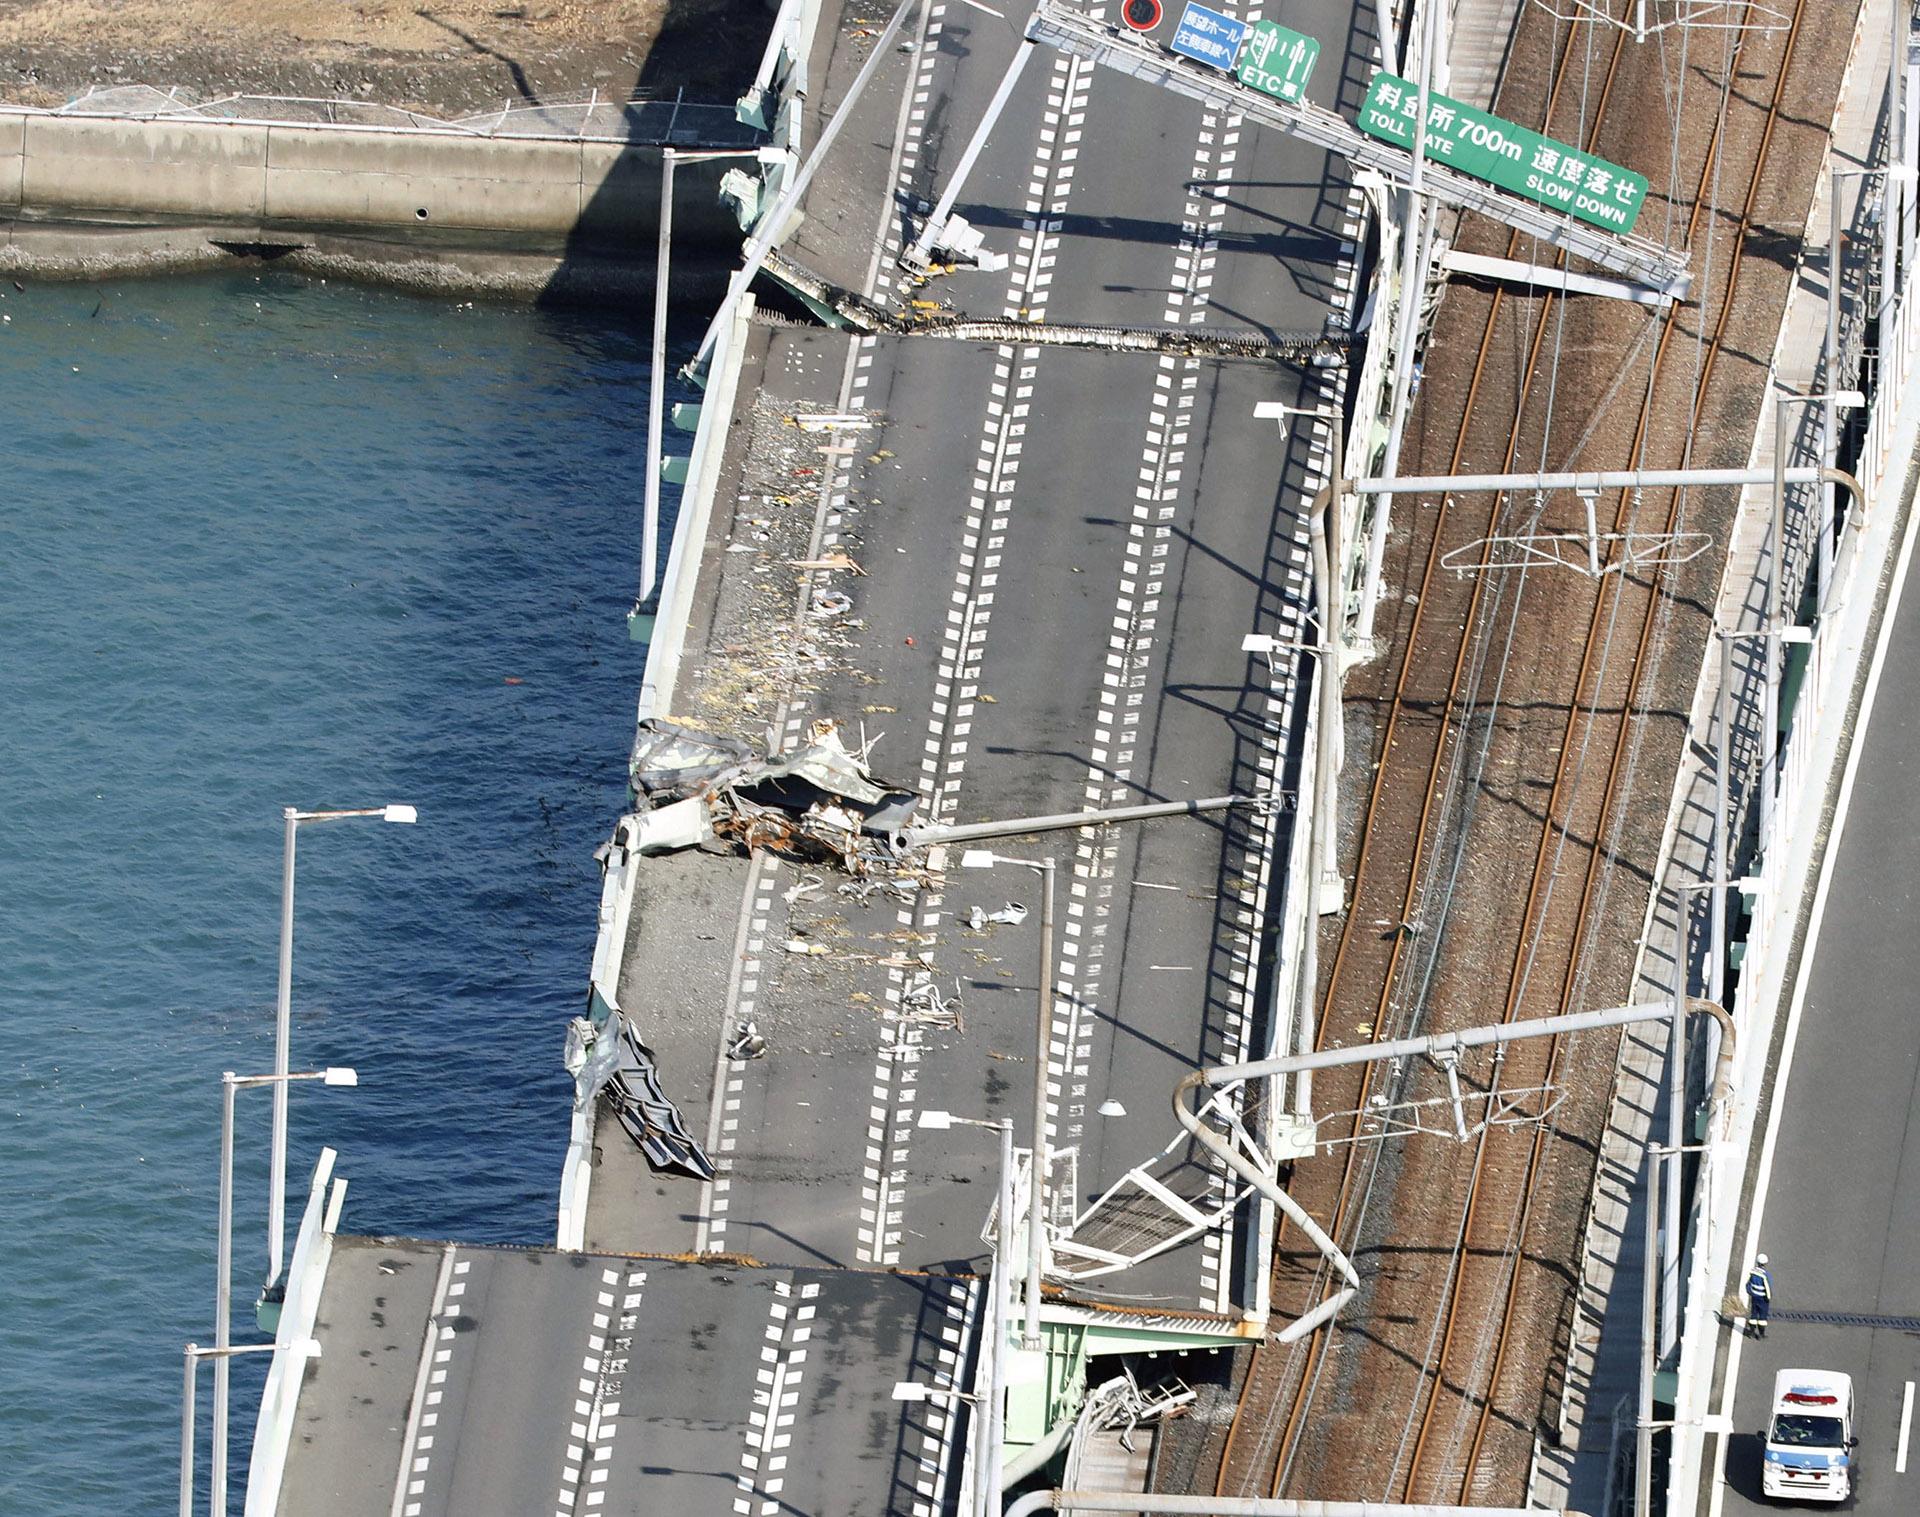 Este puente en Kansai resultó dañado tras ser golpeado por un buque de 2.600 toneladas, arrastrado por el viento